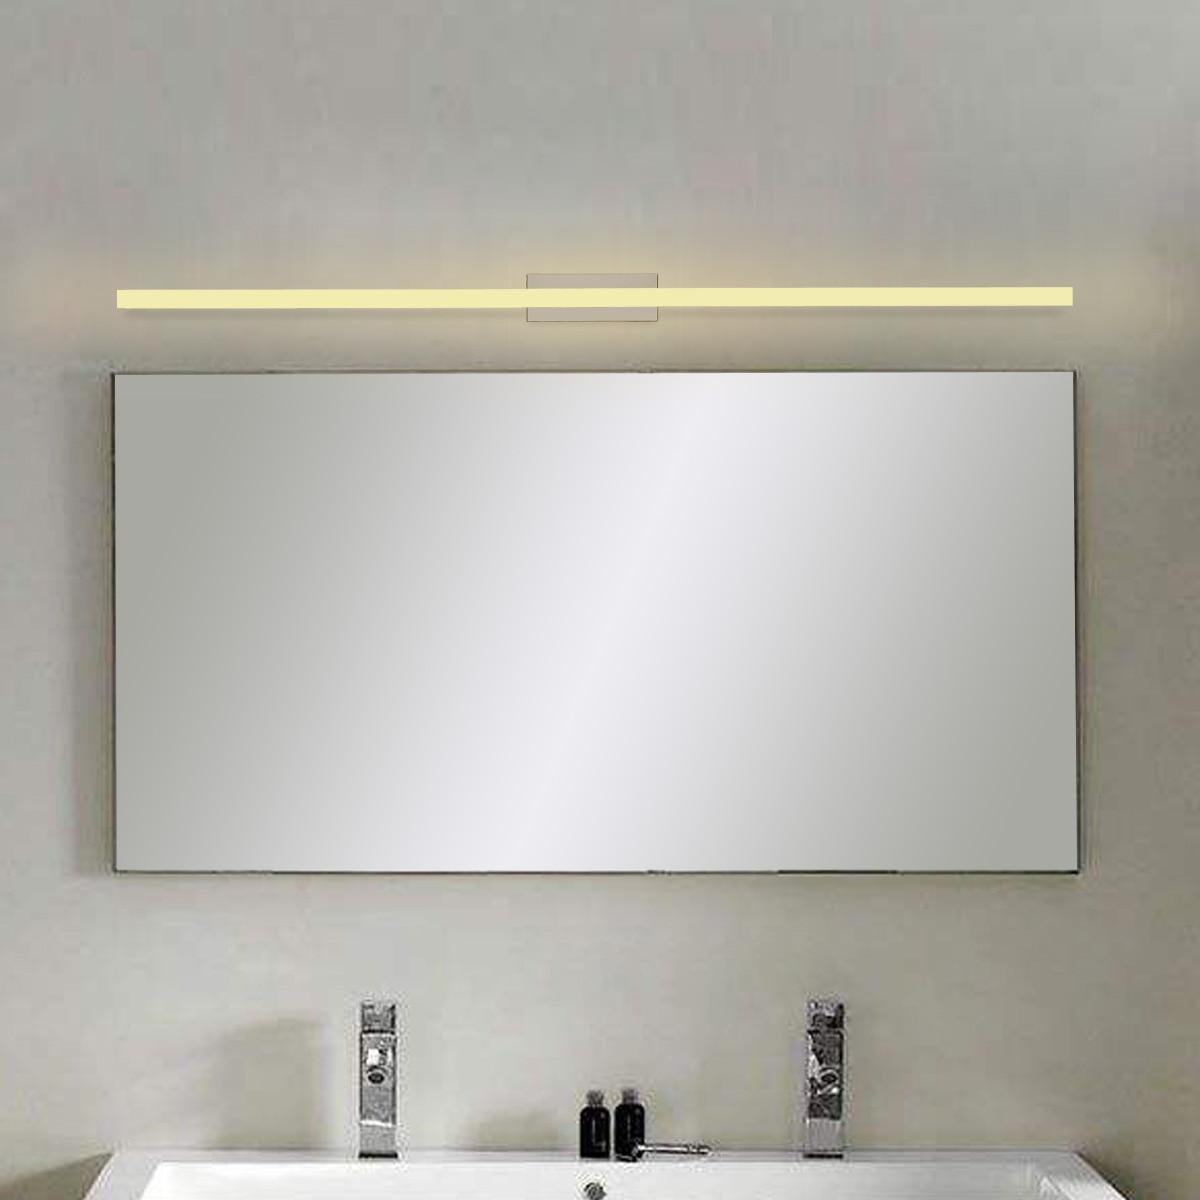 LED miroir avant lampes moderne salle de bains toilette vanité mur maquillage lumière 80 cm 14 W LED étanche lampe 1120LM 85-265 V